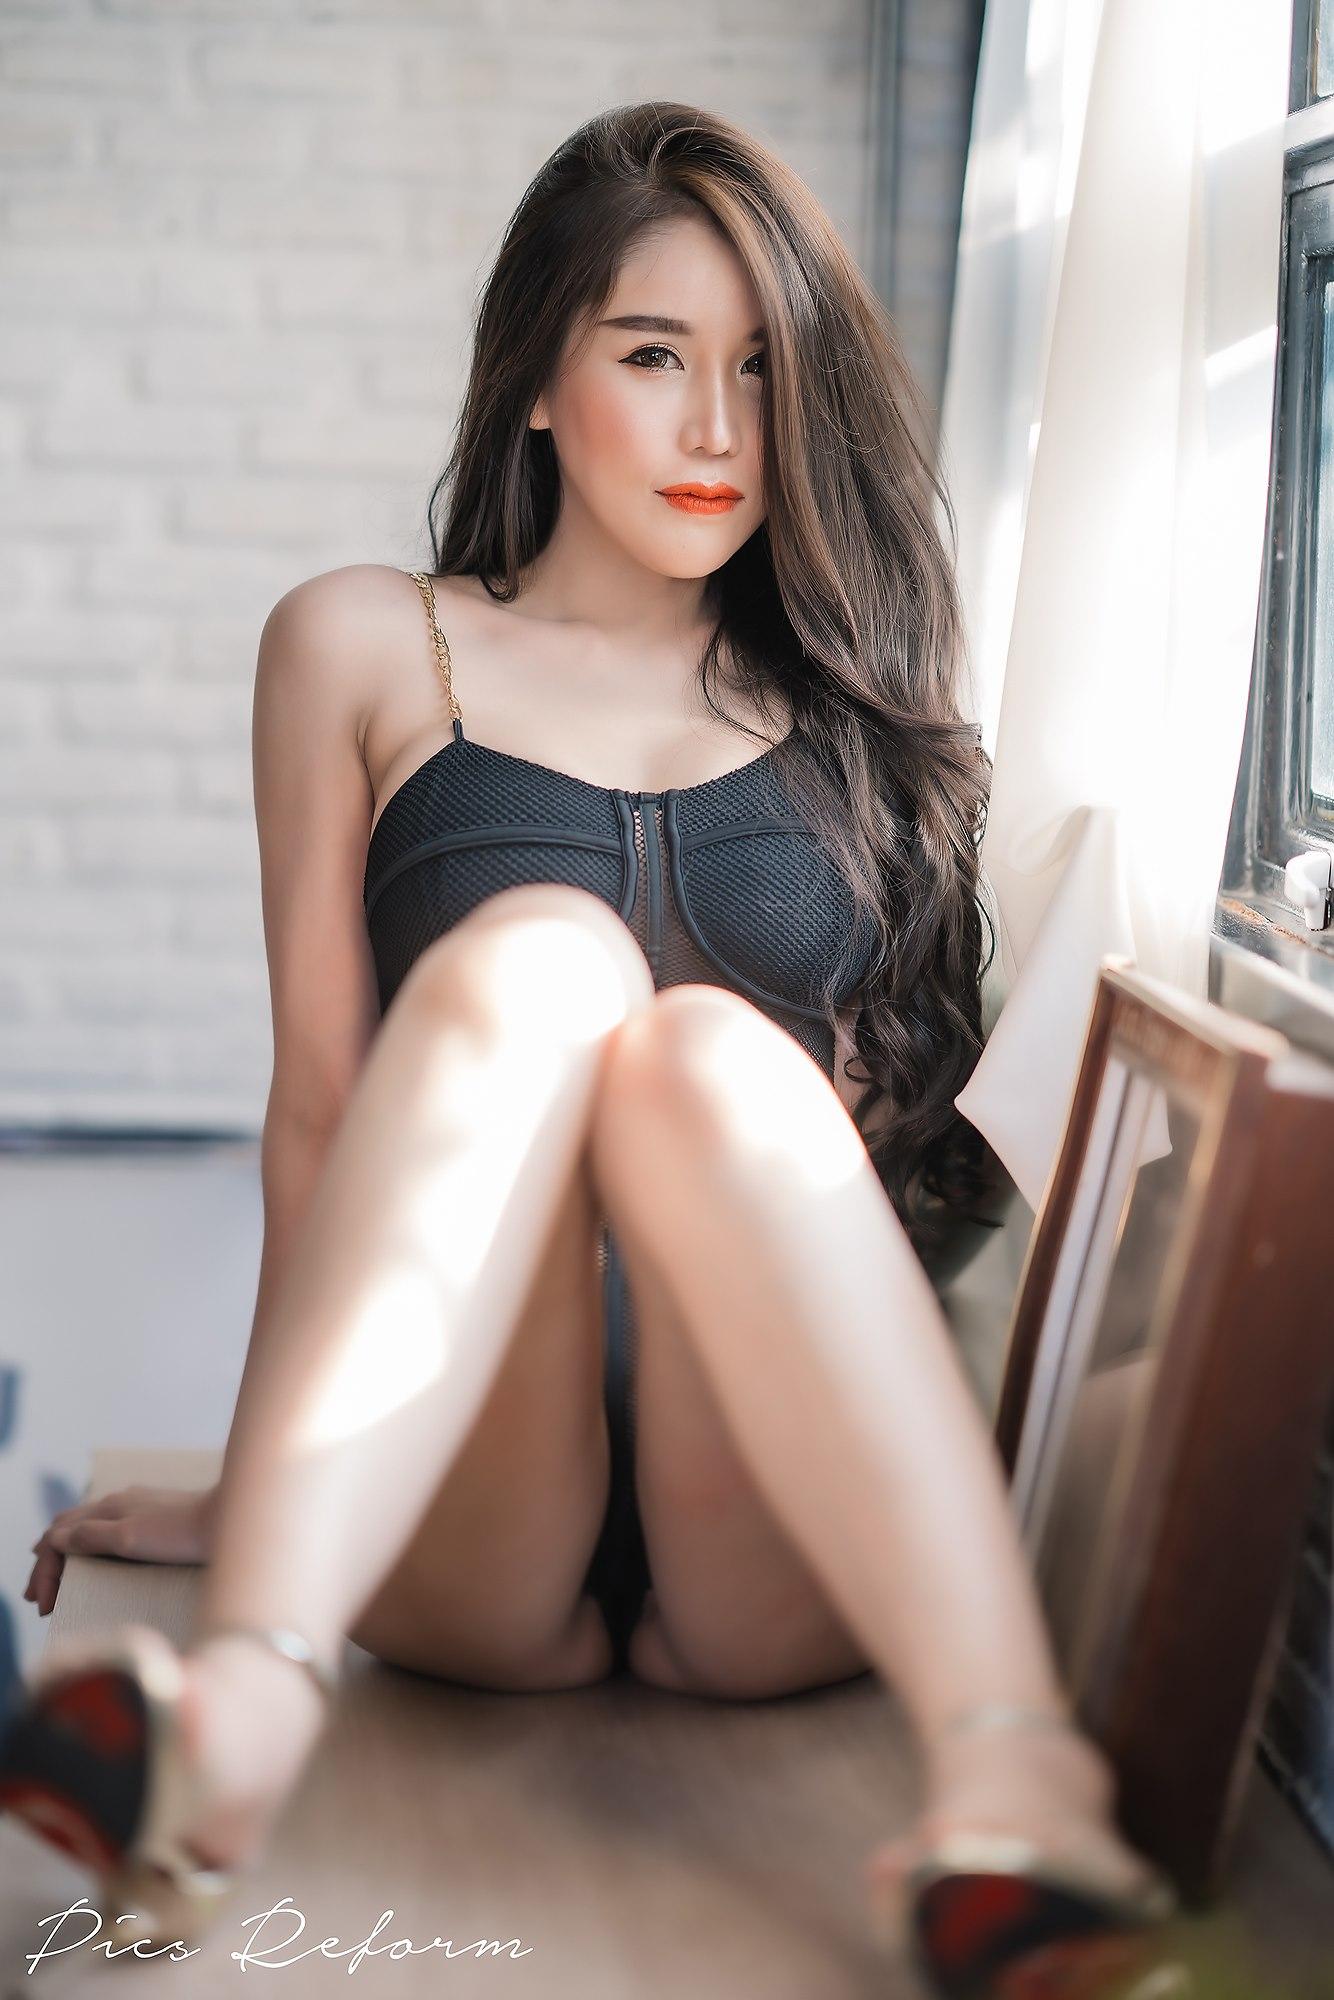 อามมี่ Maxim ขาวเนียน สาวสวยเซ็กซี่ หุ่นสุดเอ็กซ์ ขวัญใจของผู้ชายหลายคน sex